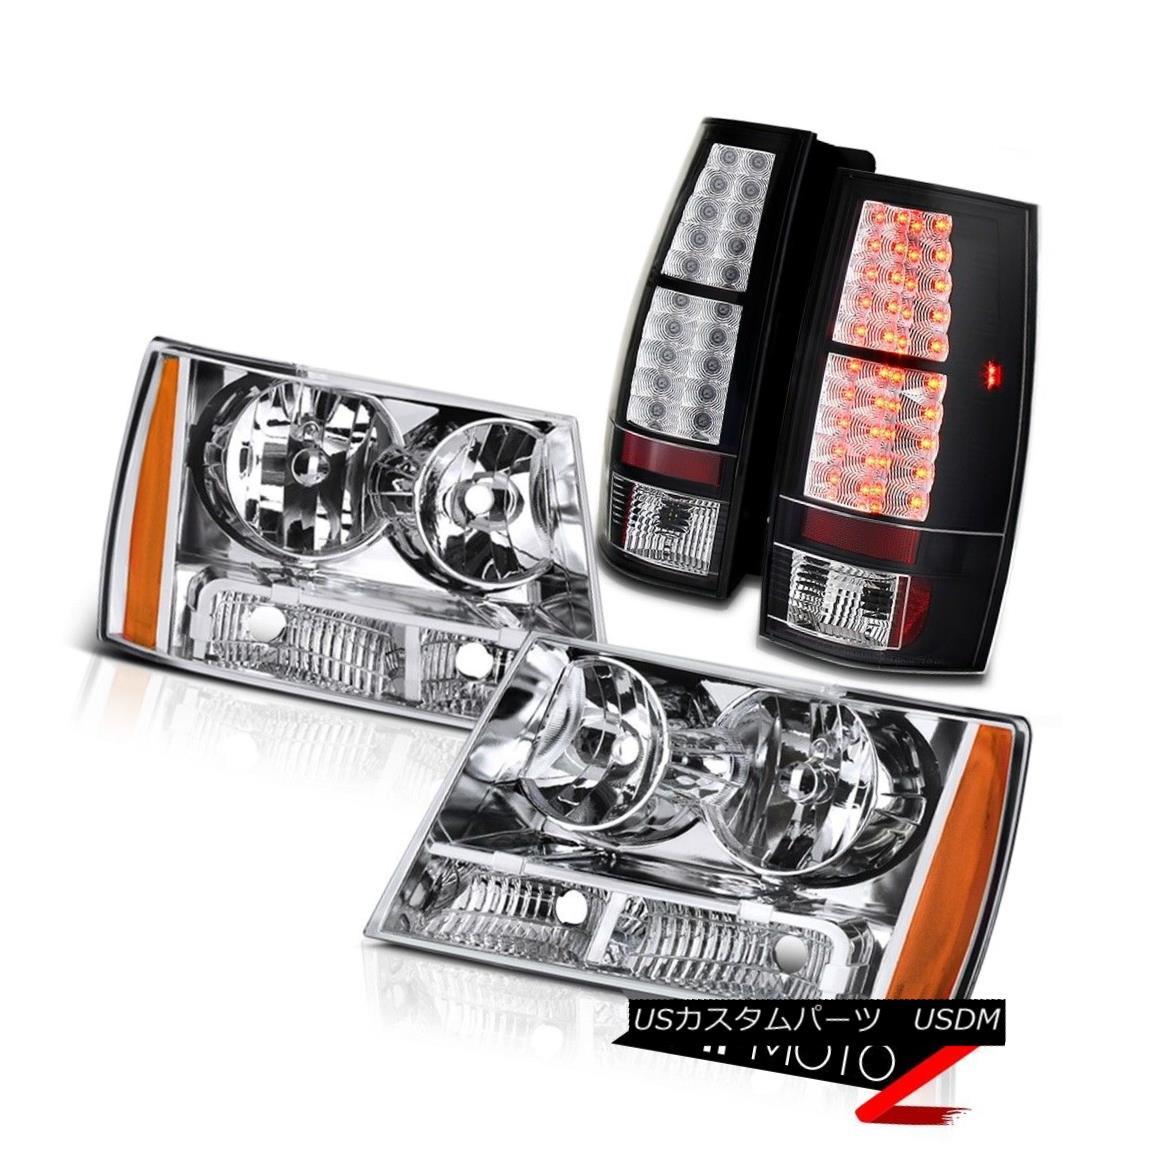 テールライト 2007-2014 Tahoe Suburban LT LS LTZ LED Tail Brake Lamp Chrome Headlight LH+RH 2007-2014 Tahoe郊外LT LS LTZ LEDテールブレーキランプクロームヘッドライトLH + RH